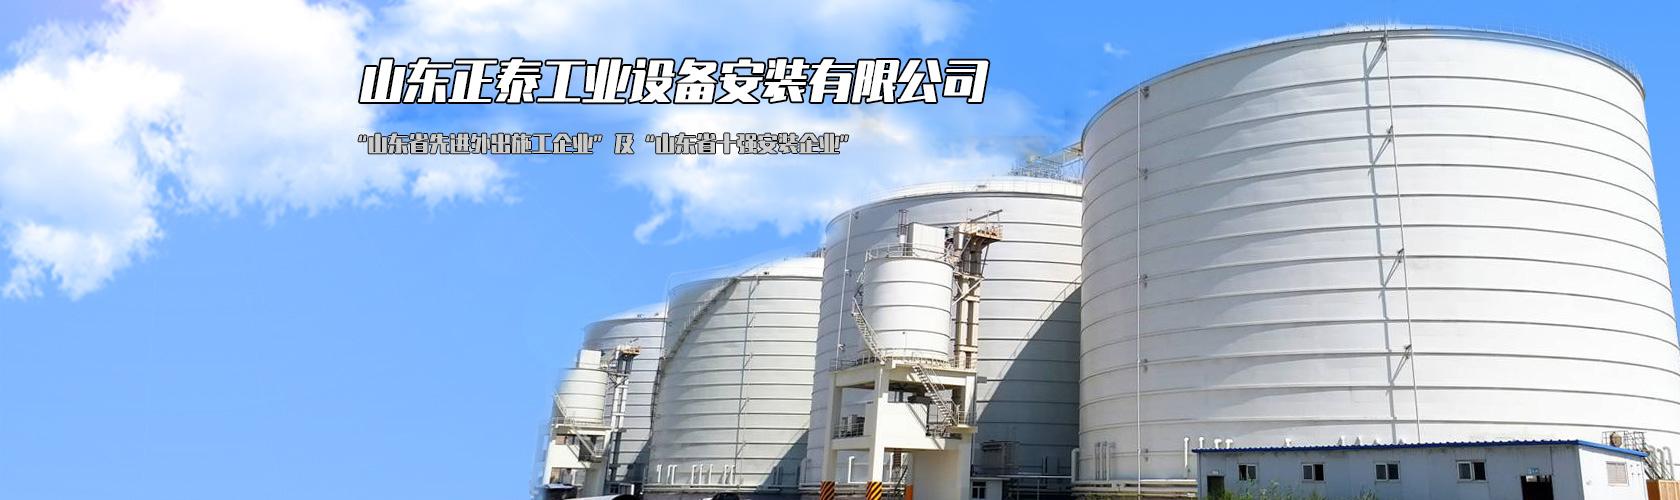 山dongfun88app工业设beian装有xian公司